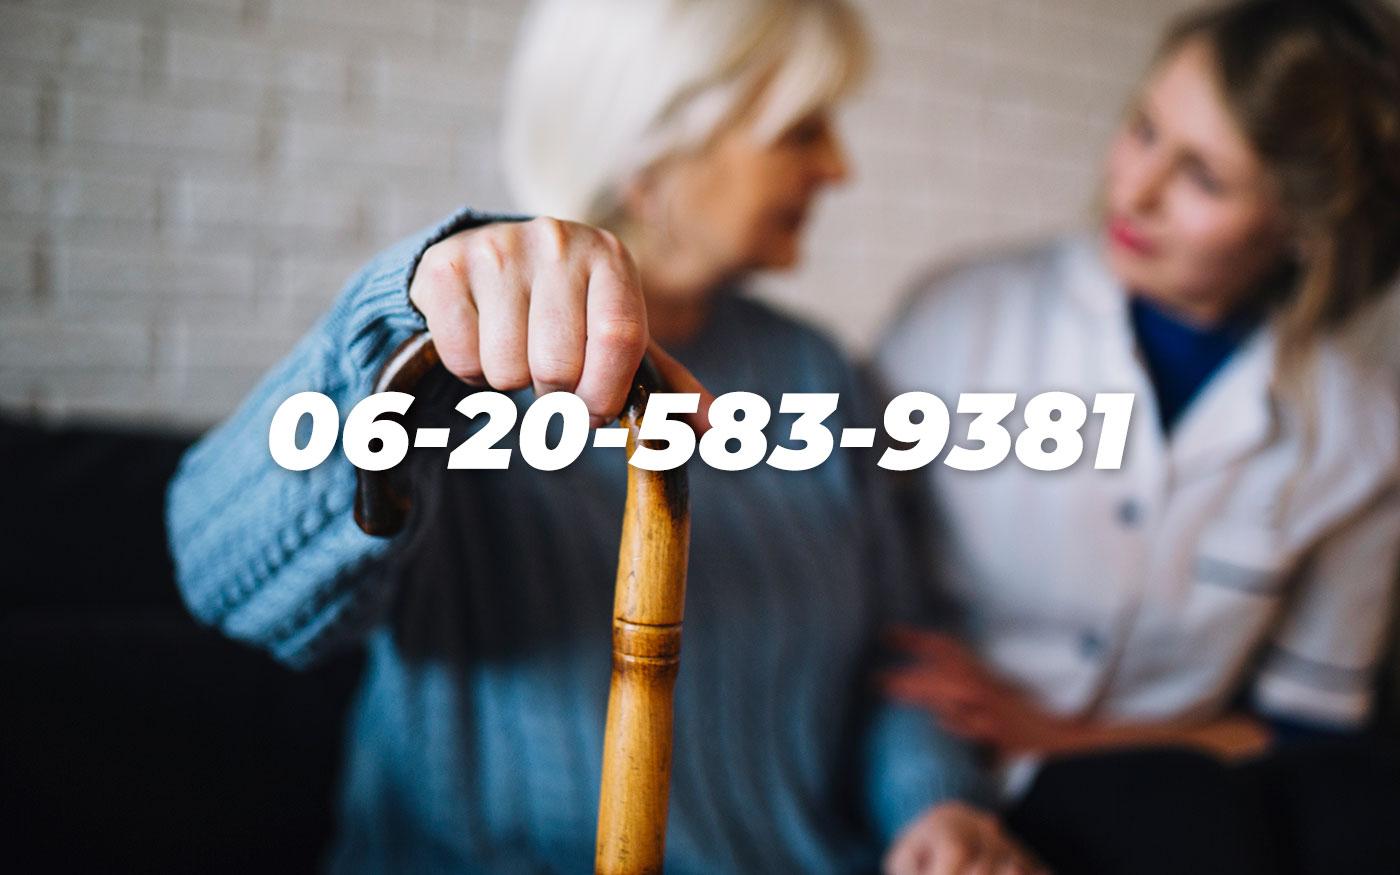 Dunaharaszti segíti a veszélyhelyzetben az időseket!